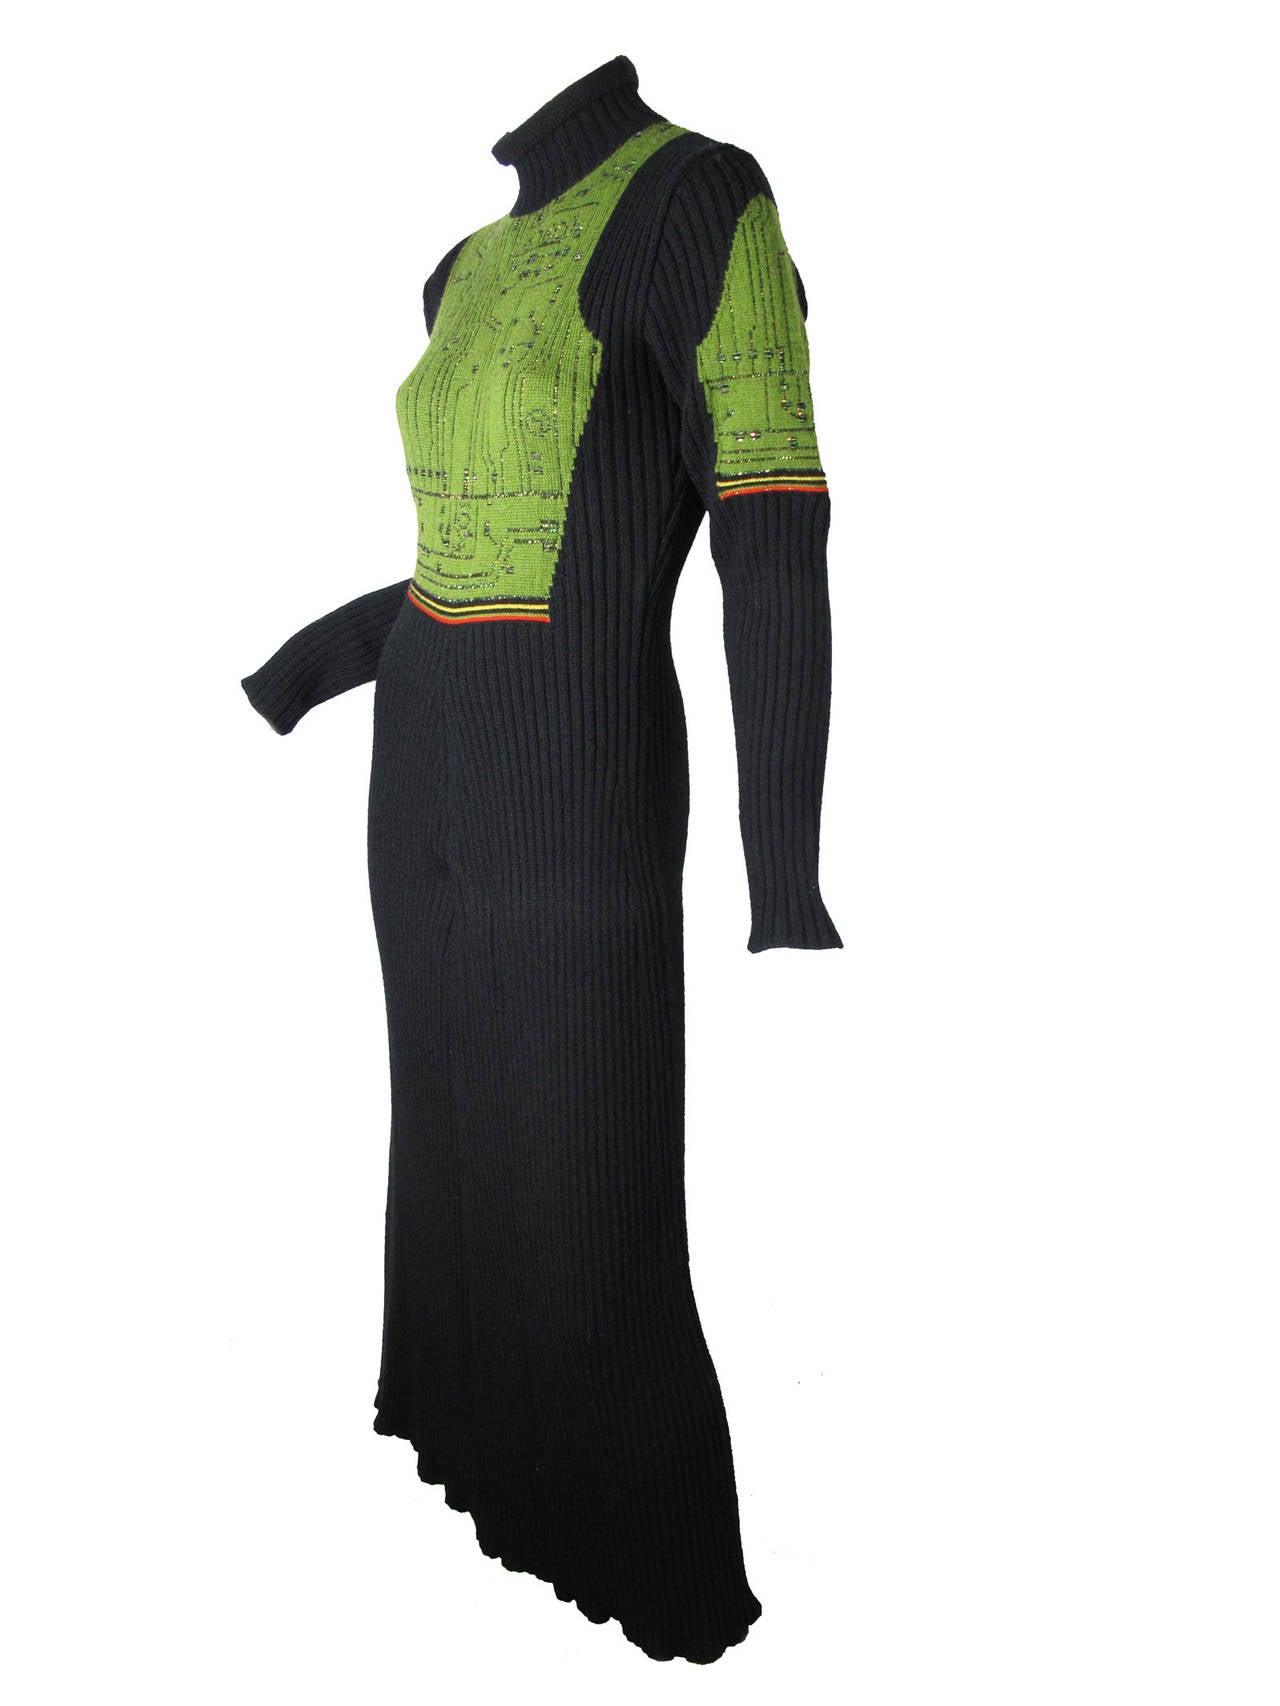 Black Jean Paul Gaultier Knit Circuit Board Dress, 1990s   For Sale